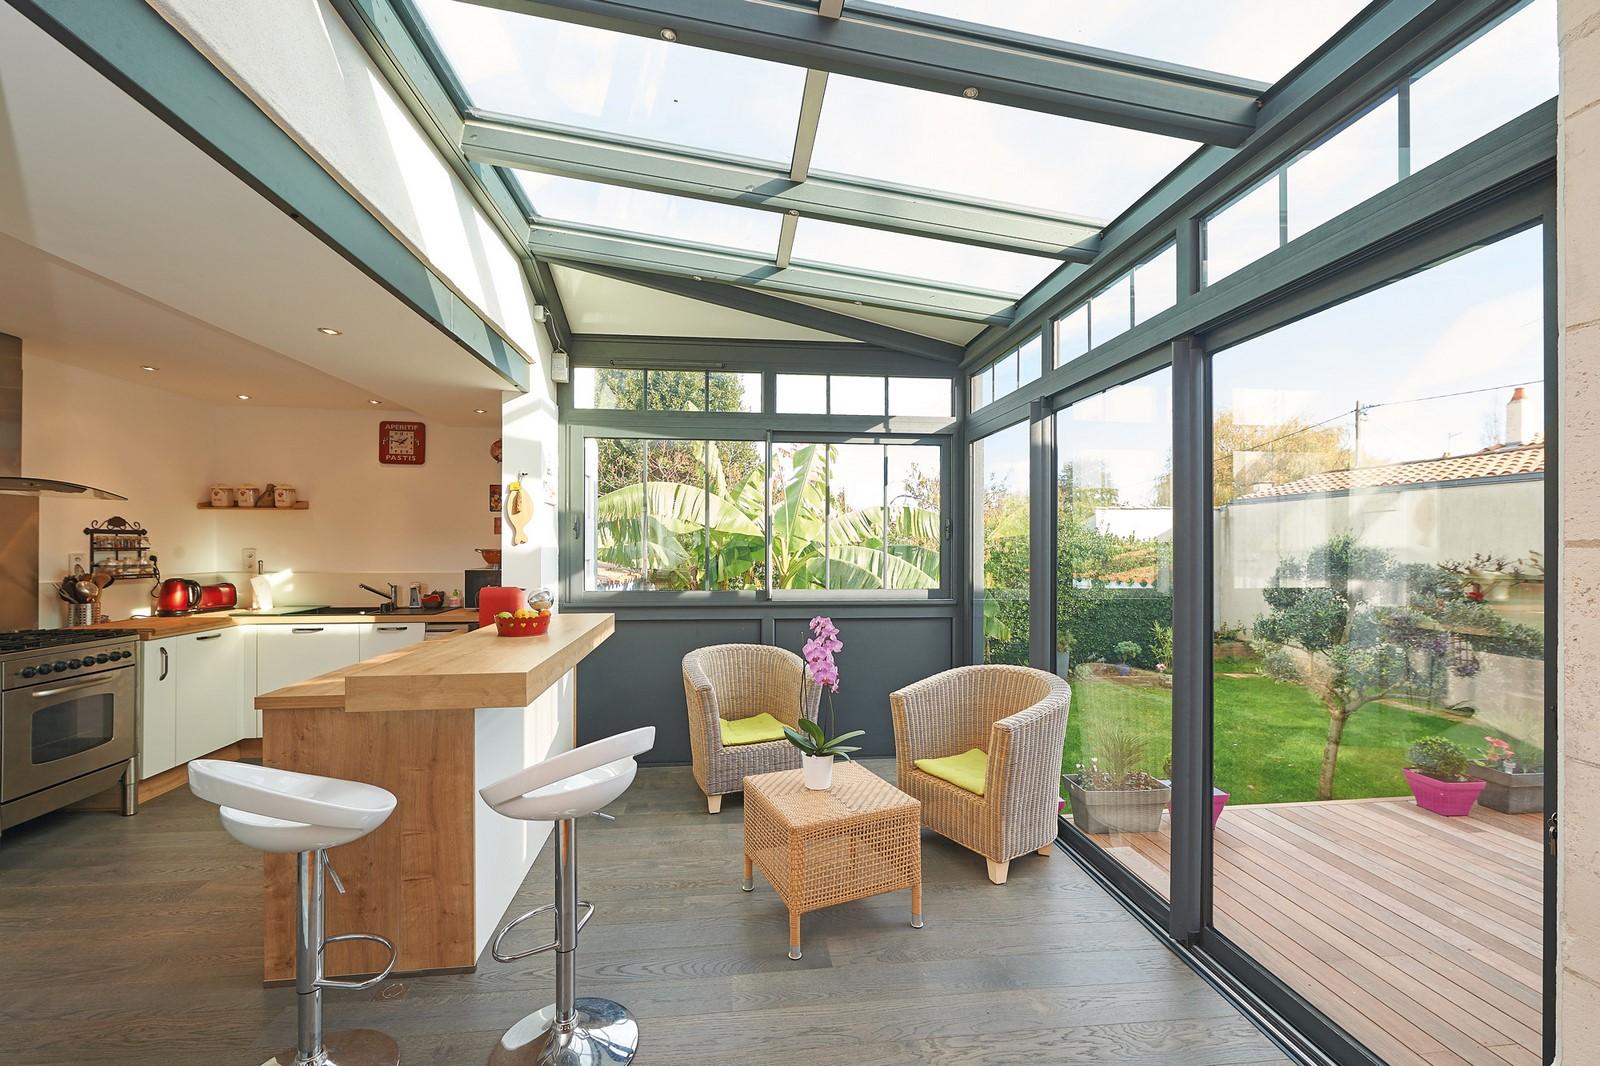 cr ez votre espace cuisine avec ternois v randas. Black Bedroom Furniture Sets. Home Design Ideas